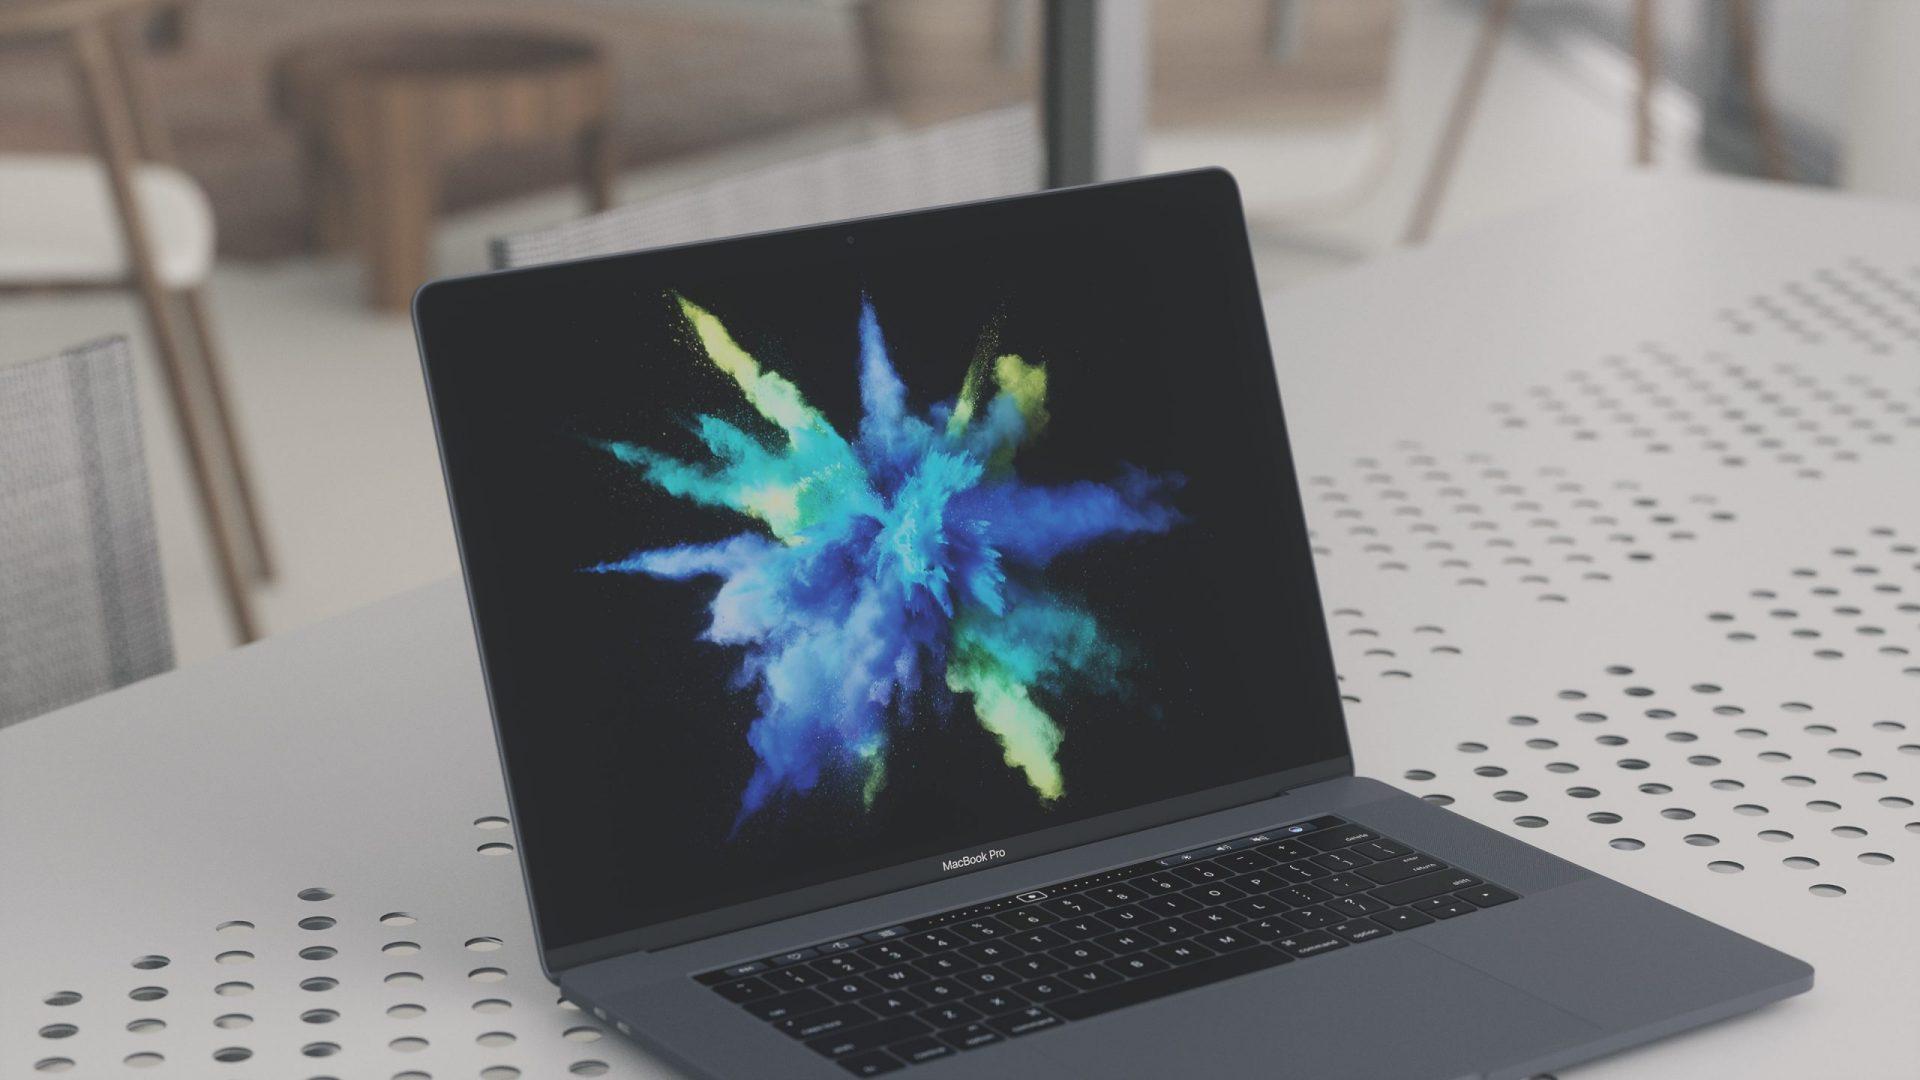 תיקון מחשבי אפל במחיר הטוב ביותר – לקוח מרוצה